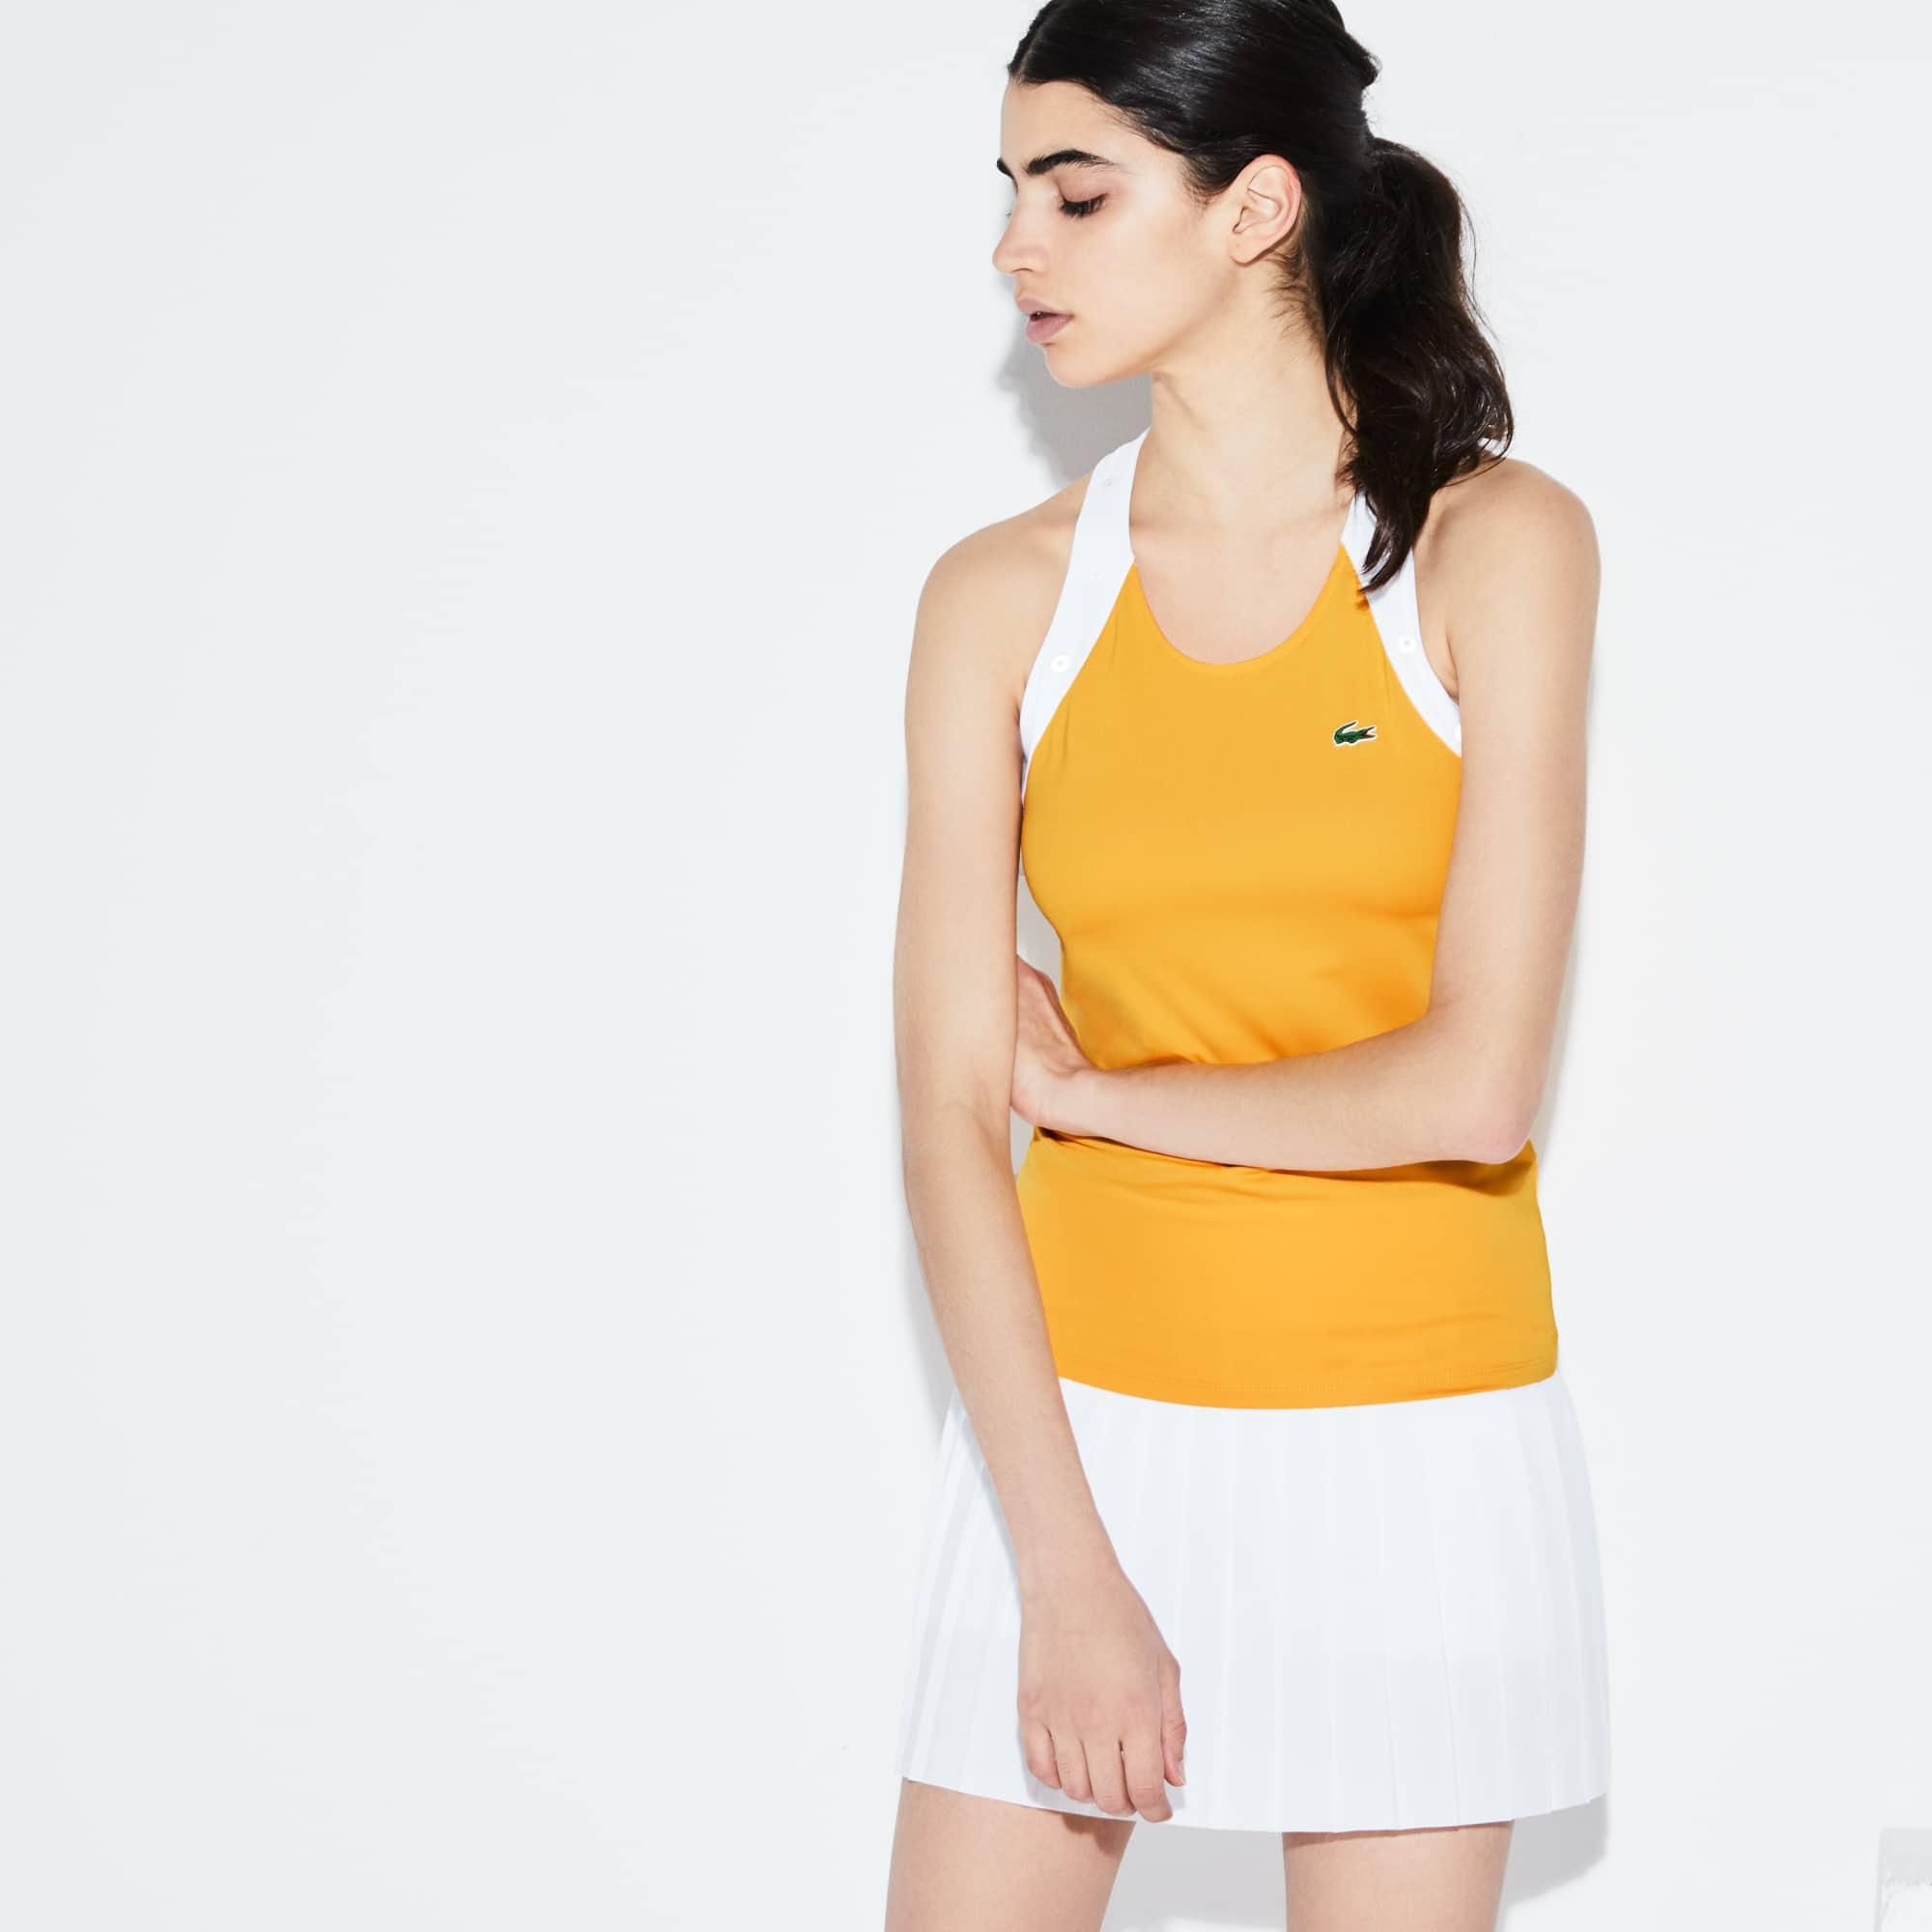 Débardeur dos nageur Tennis Lacoste SPORT en jersey technique bicolore